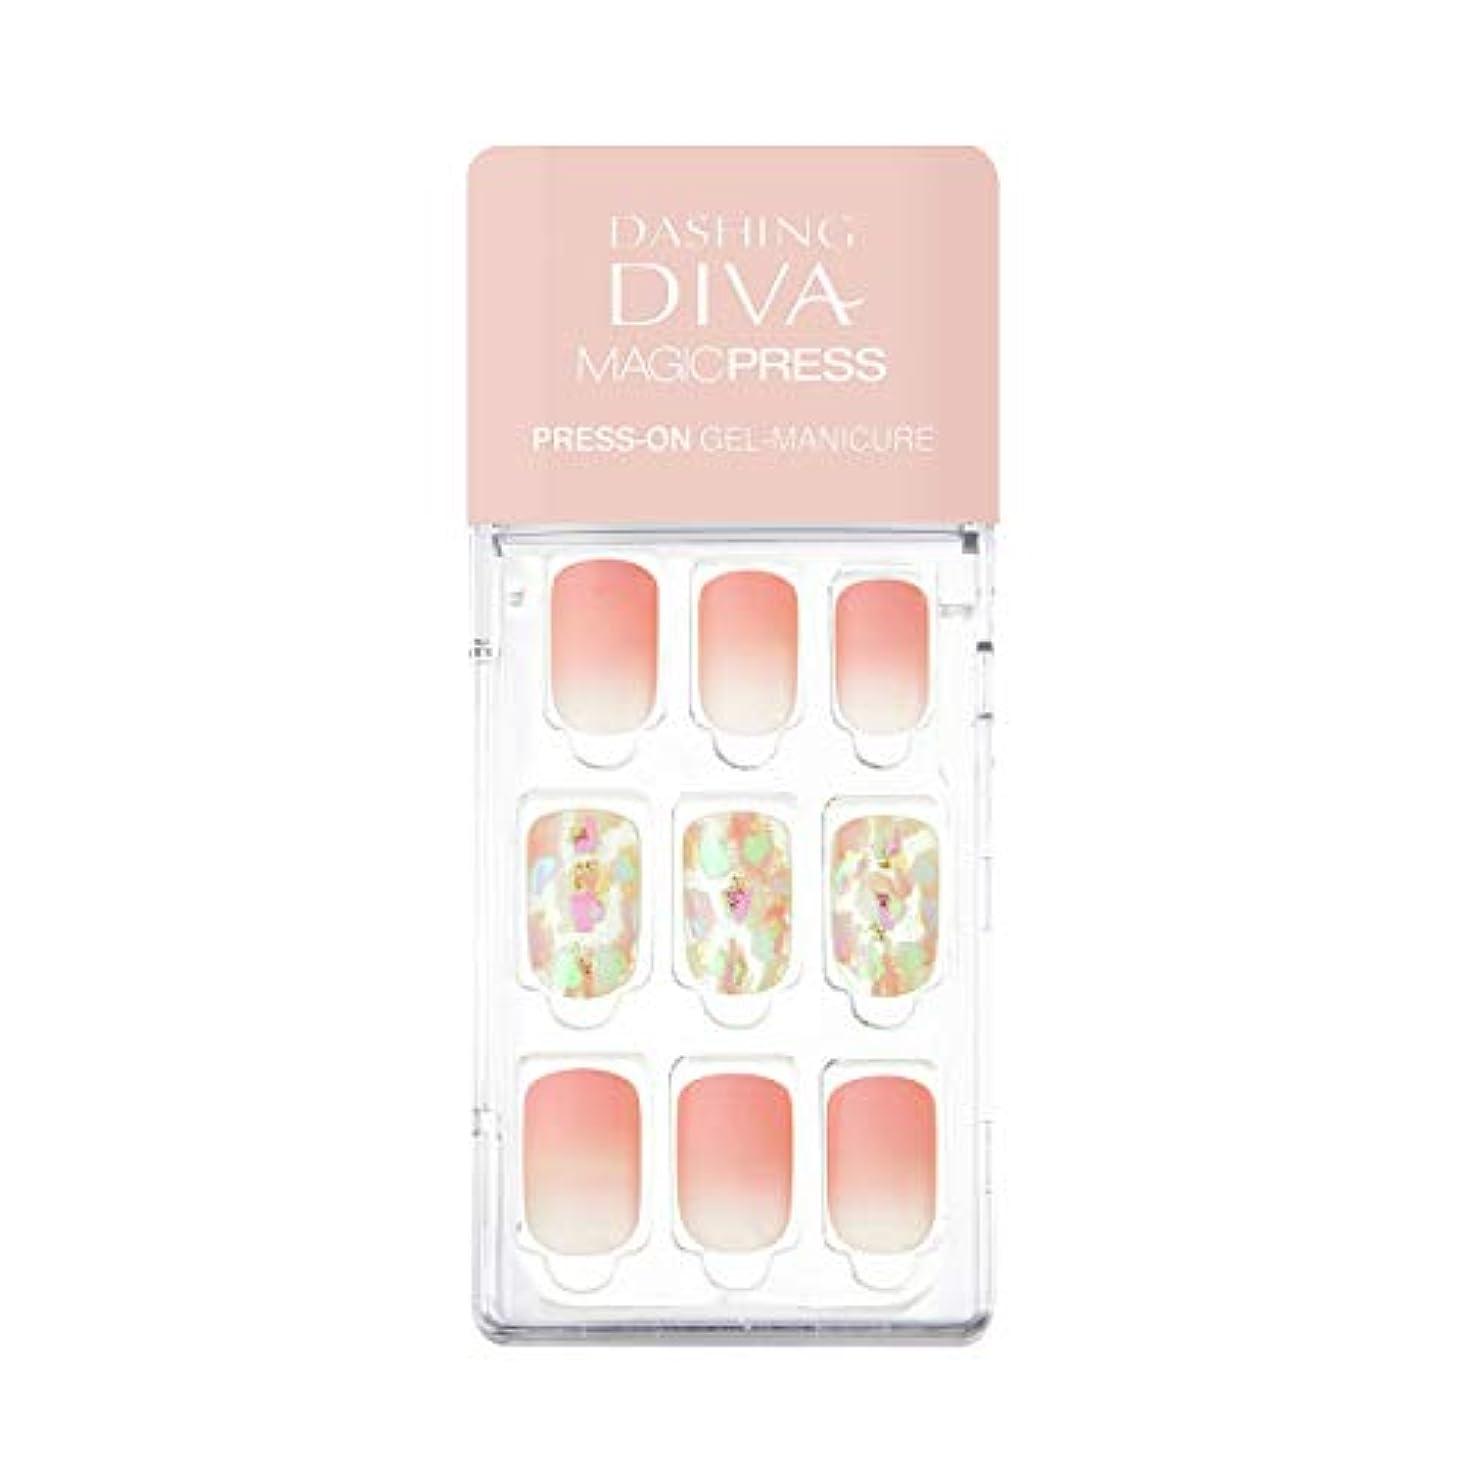 花婿チェス腹部ダッシングディバ マジックプレス DASHING DIVA MagicPress MDR_282-DURY+ オリジナルジェル ネイルチップ Rosy Glow